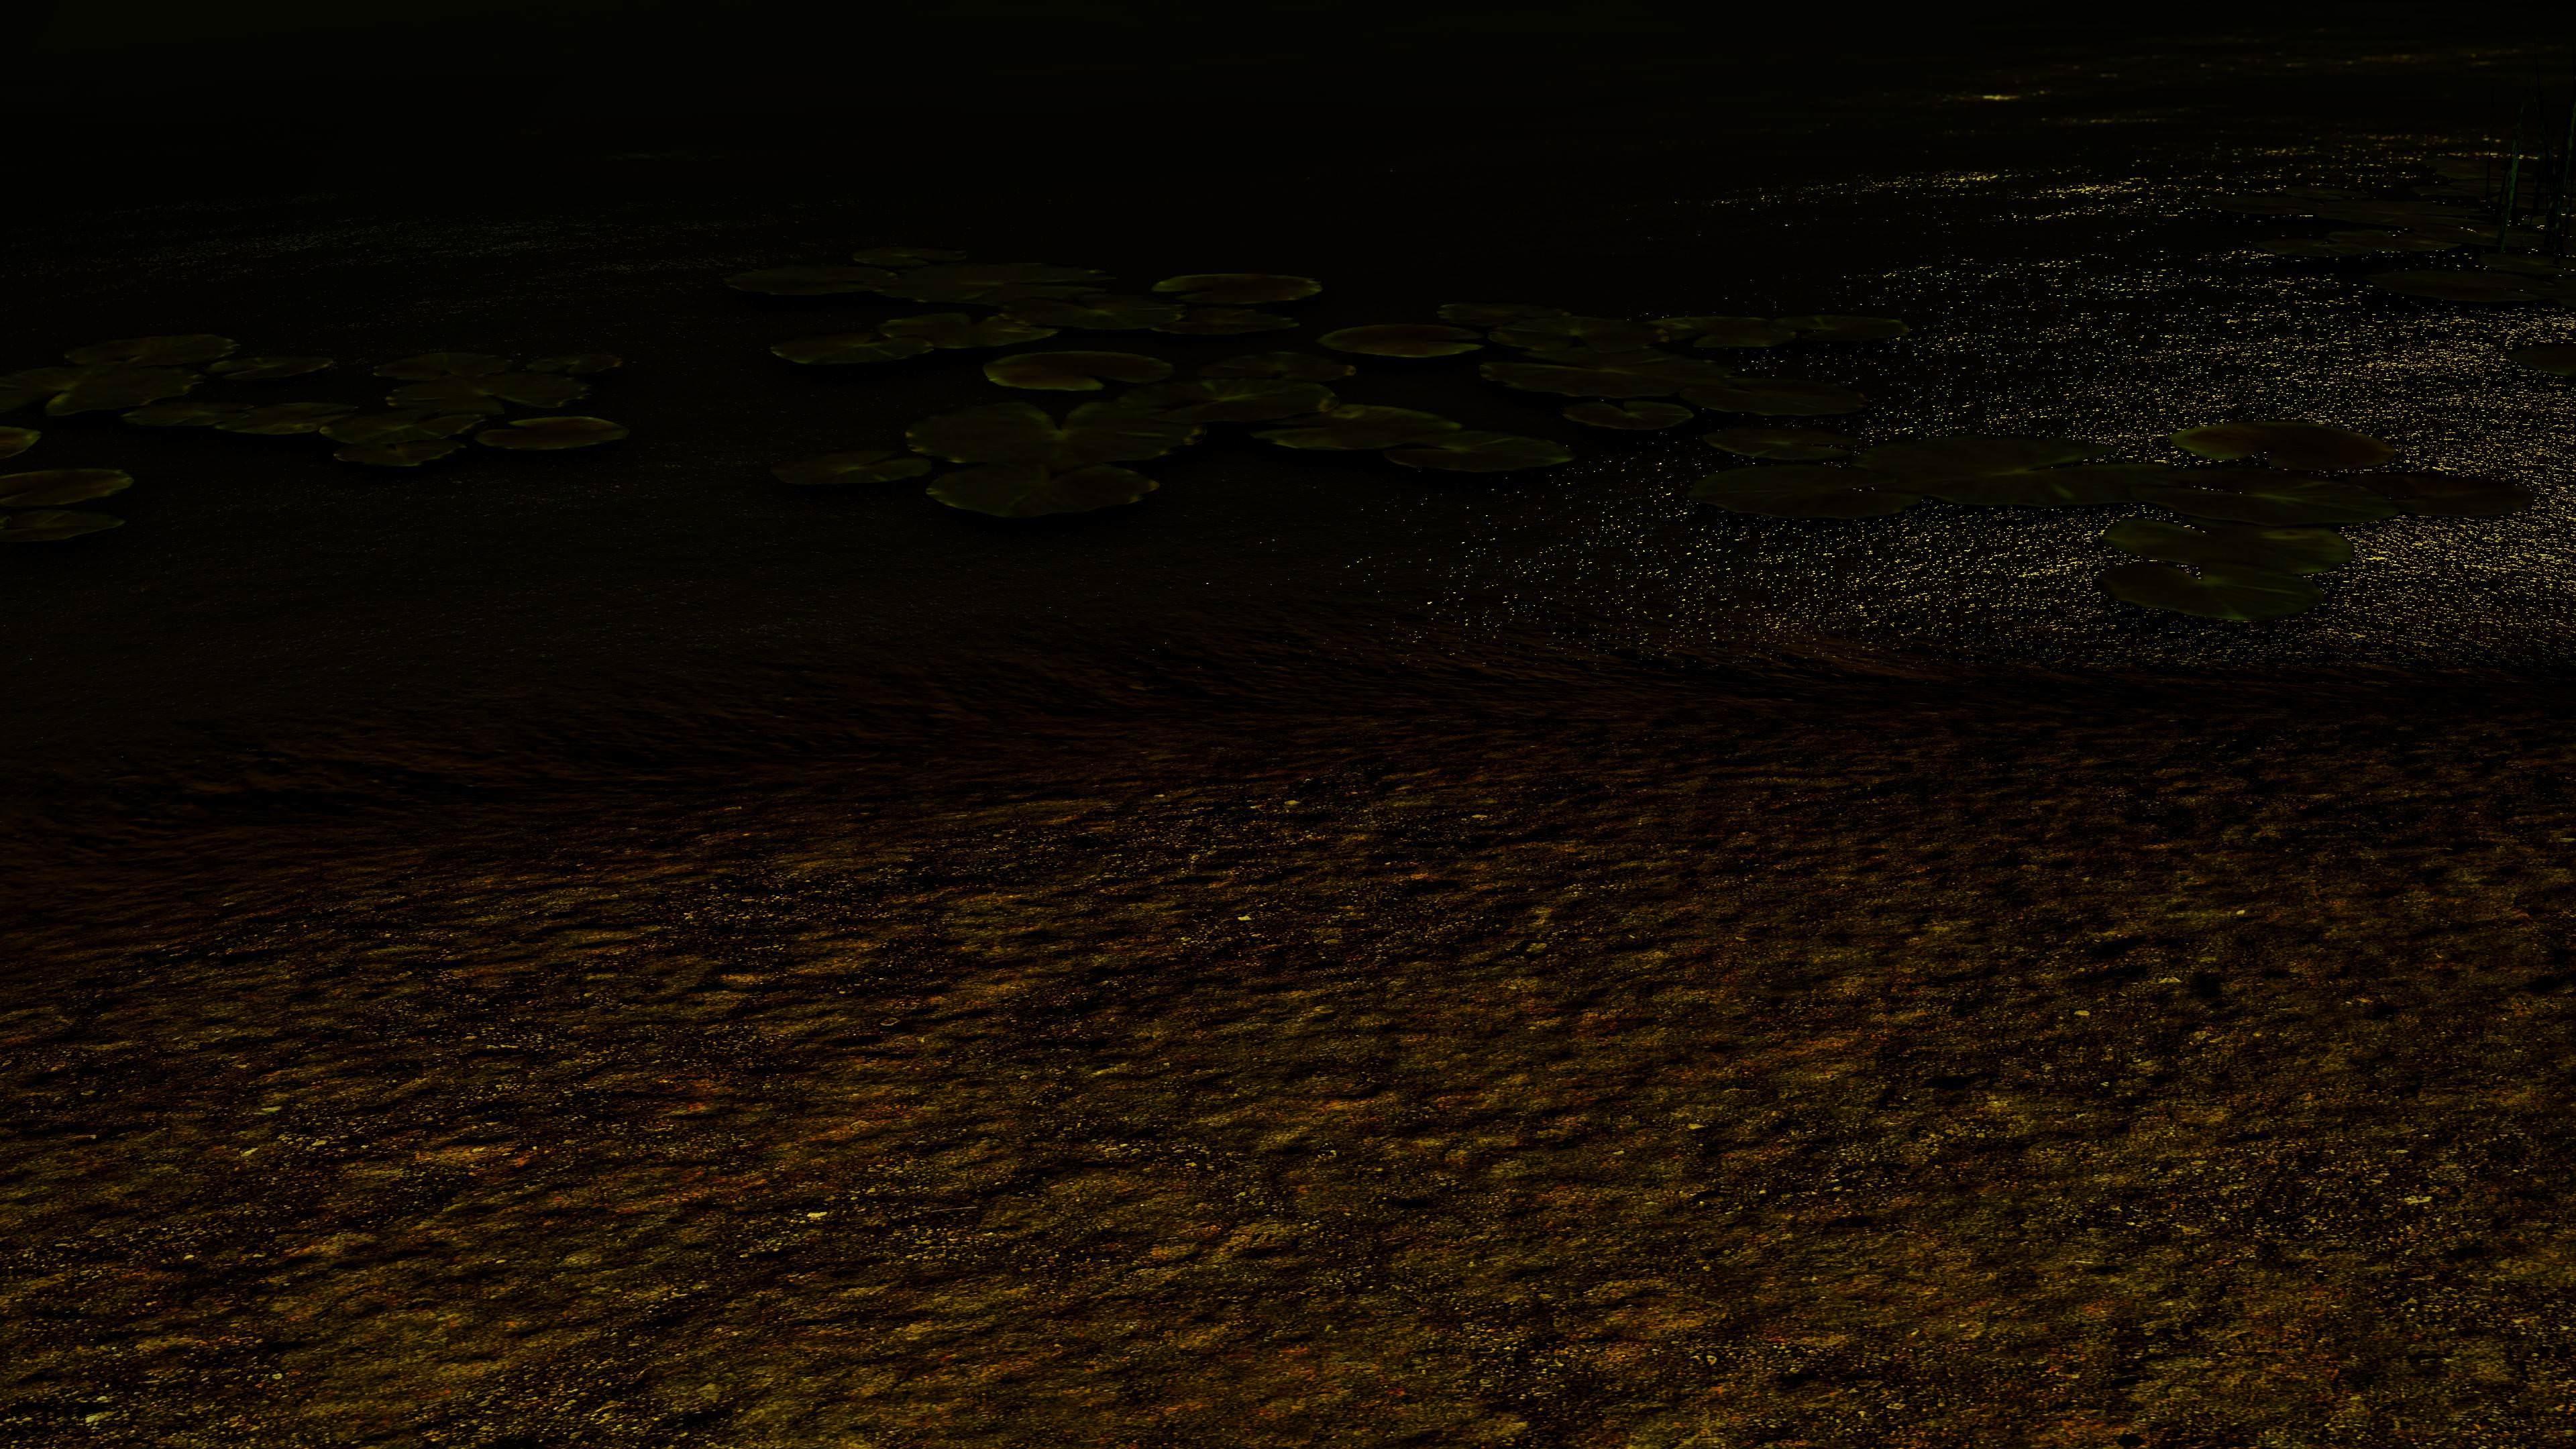 《黑暗之魂》重制版高清材质包4K截图 目前已开放下载